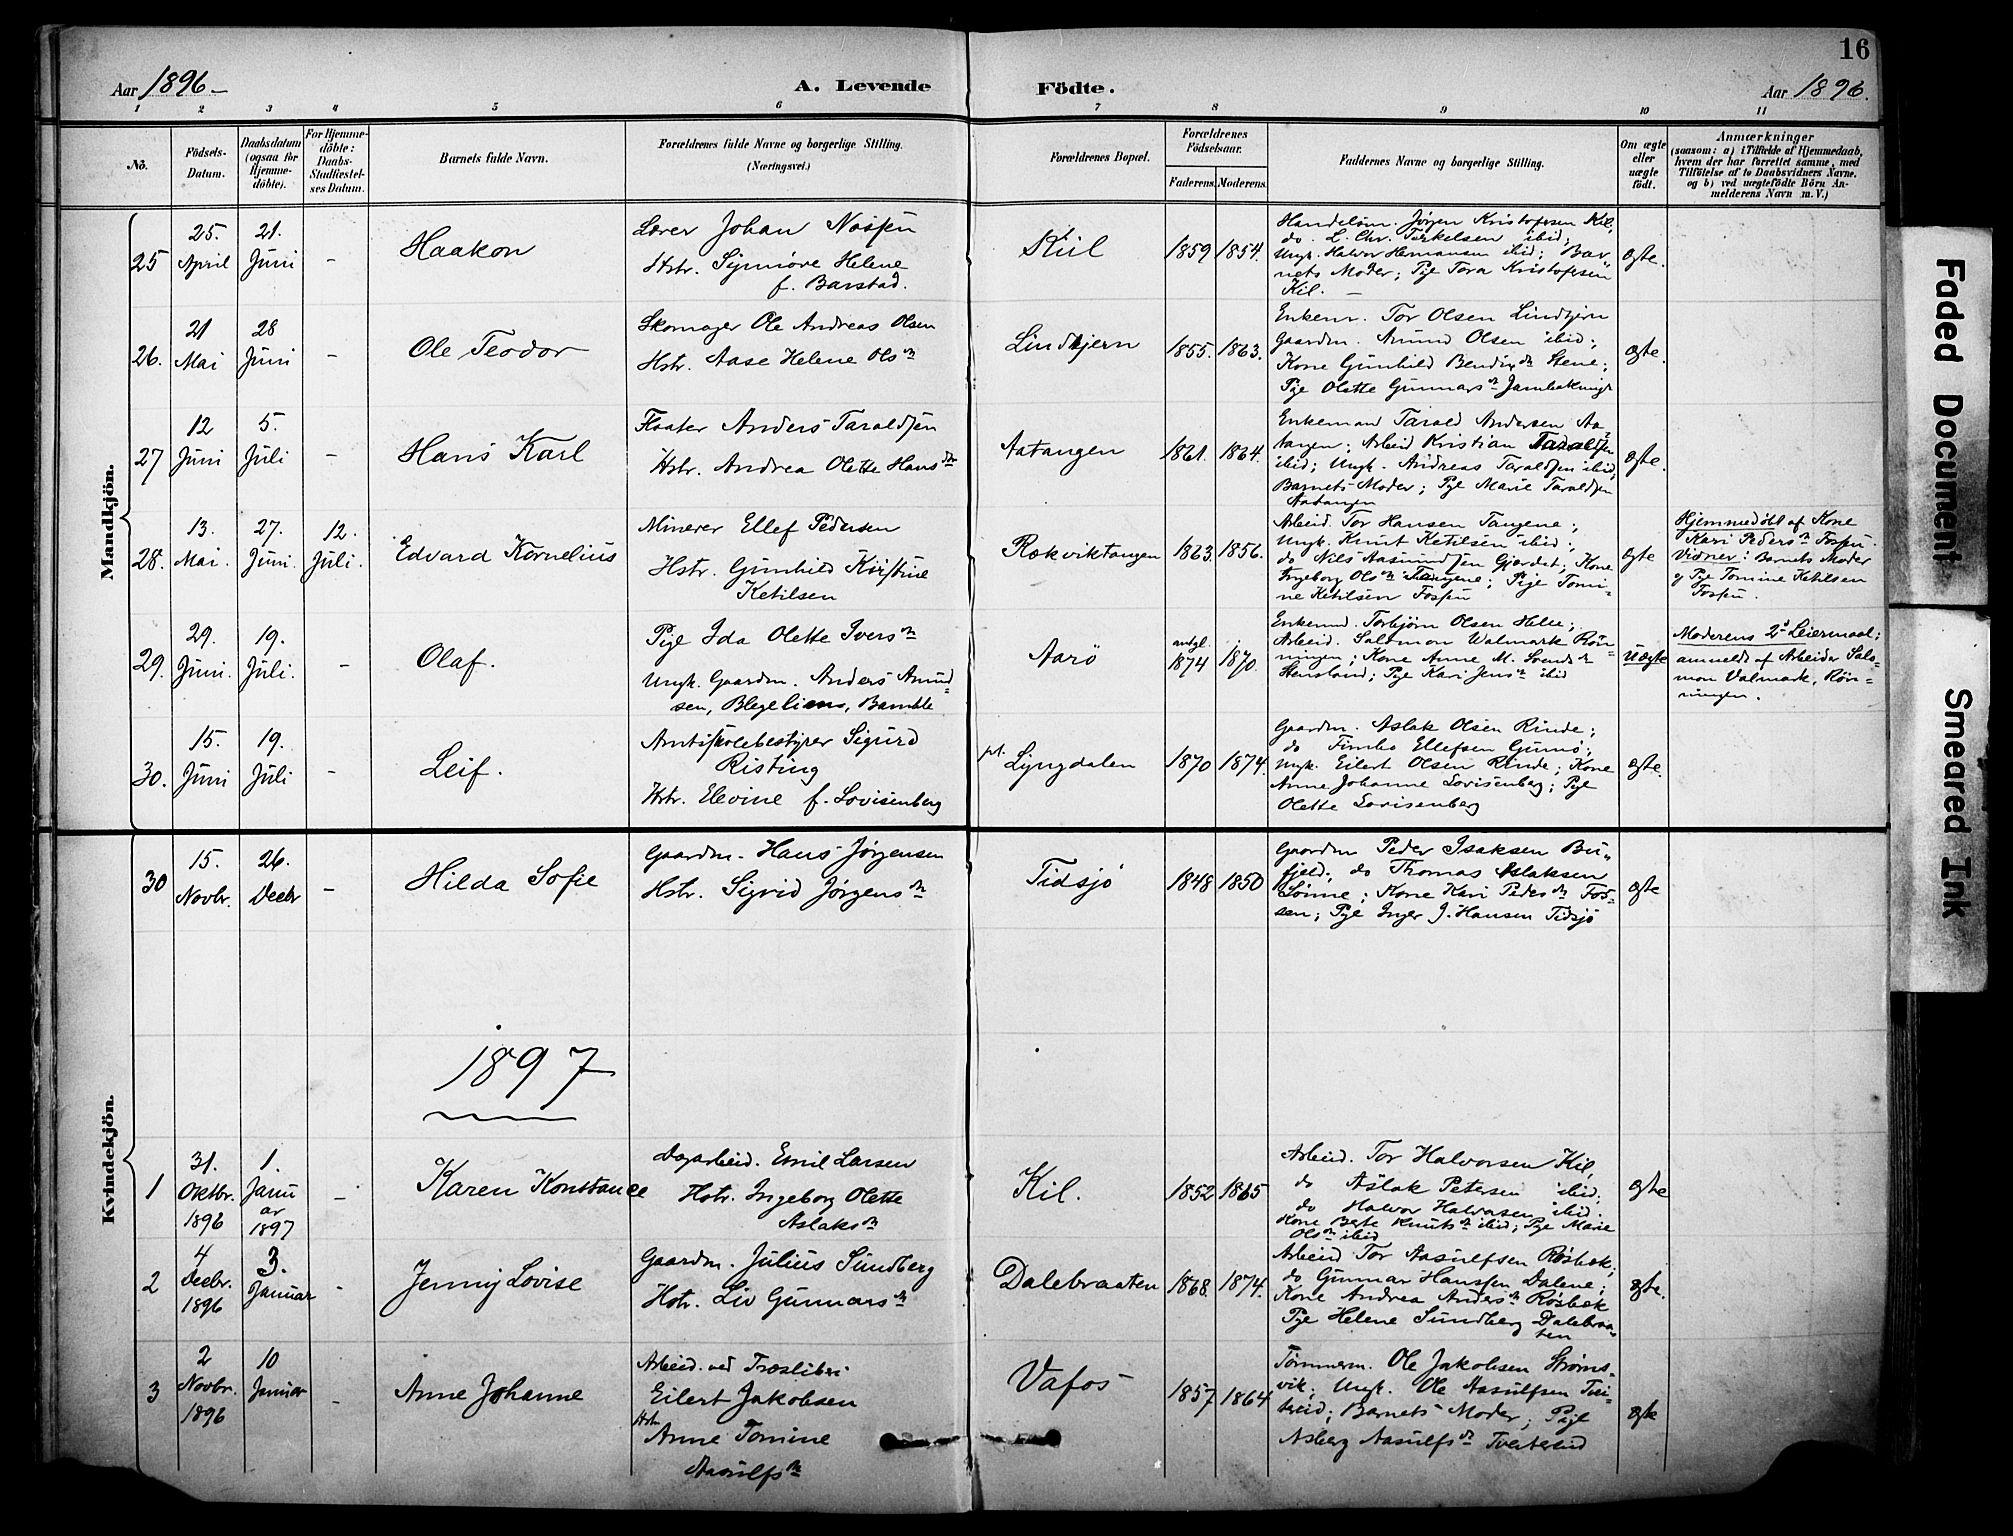 SAKO, Sannidal kirkebøker, F/Fa/L0016: Ministerialbok nr. 16, 1895-1911, s. 16